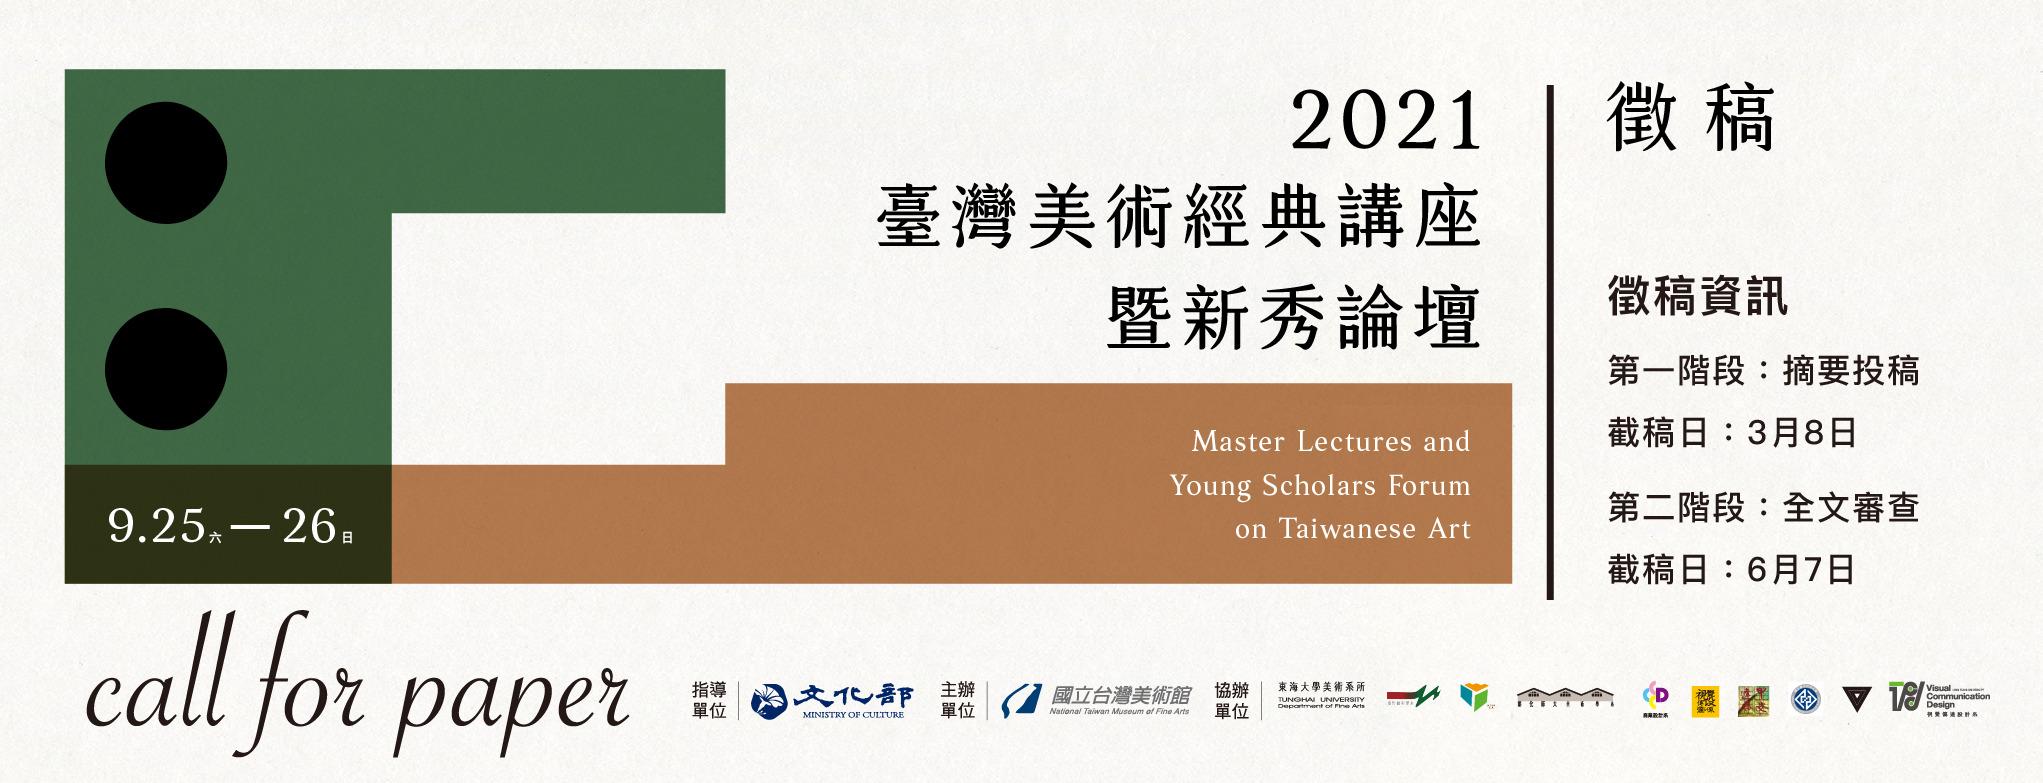 2021 臺灣美術經典講座暨新秀論壇 徵稿「另開新視窗」